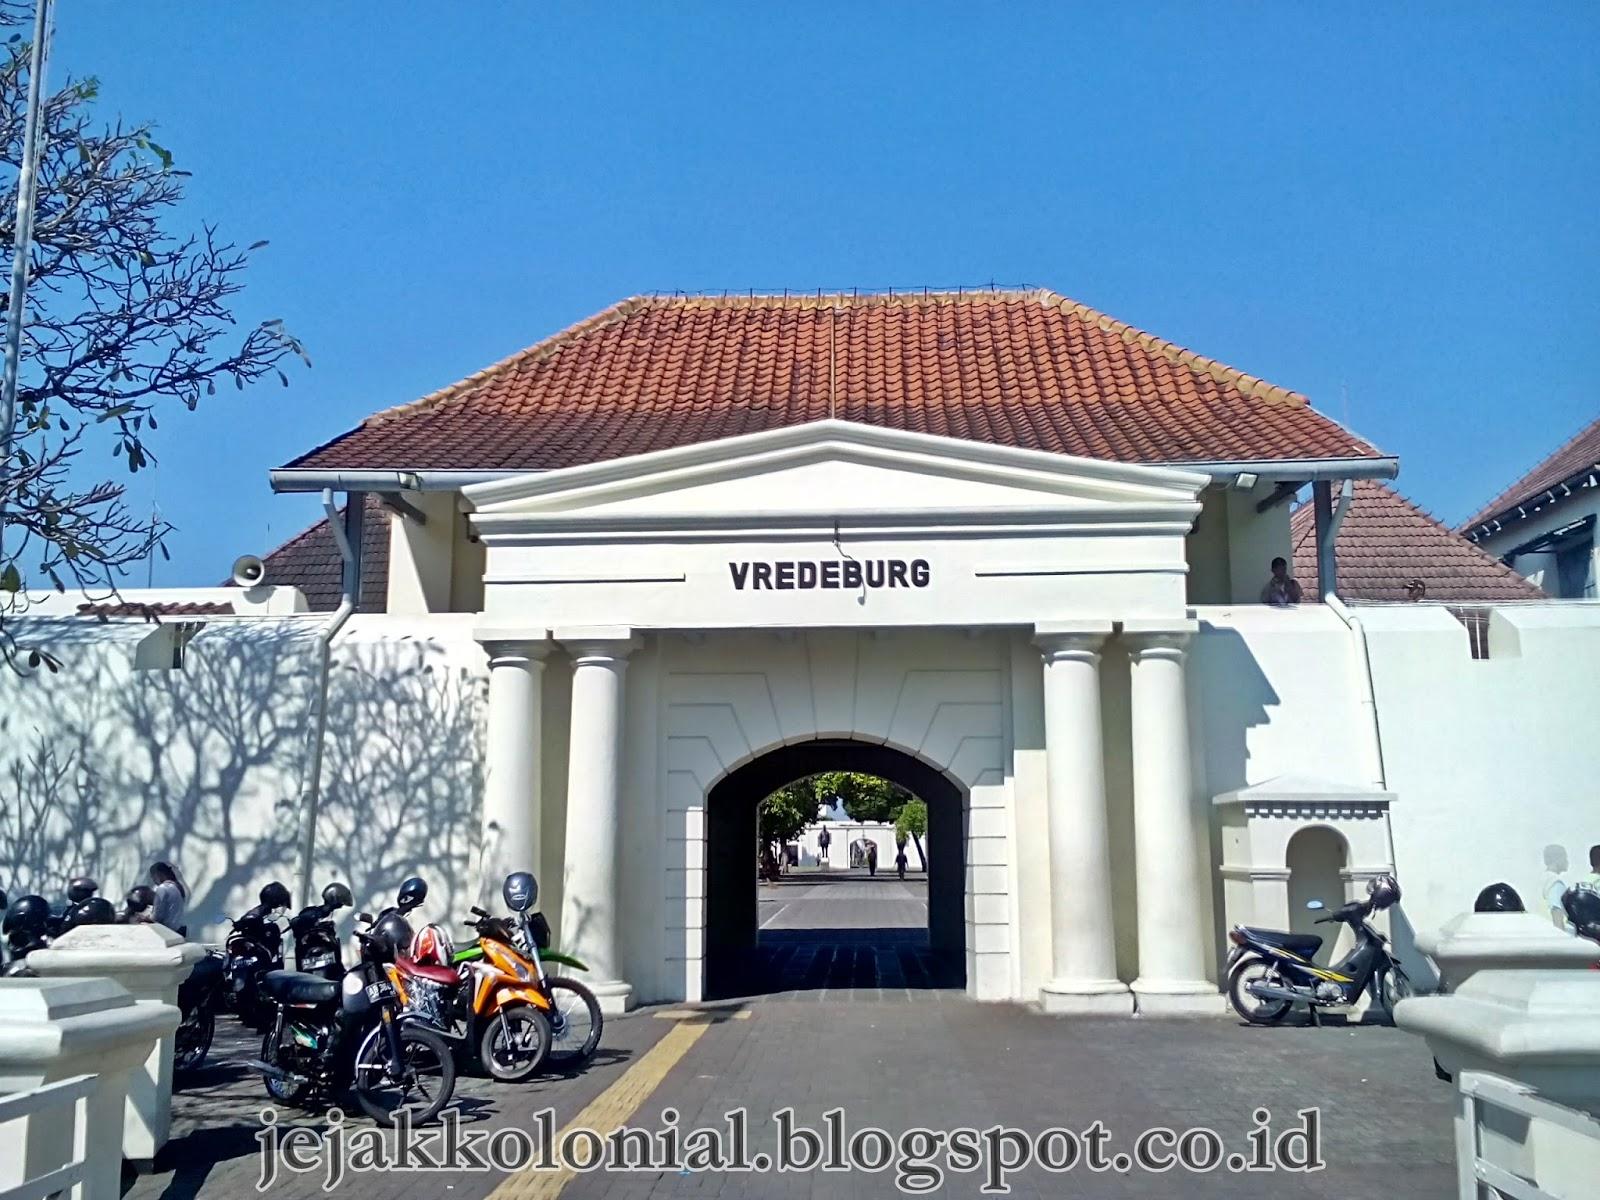 Jejak Kolonial Benteng Vredeburg Kompeni Bumi Mataram Gerbang Utama Kota